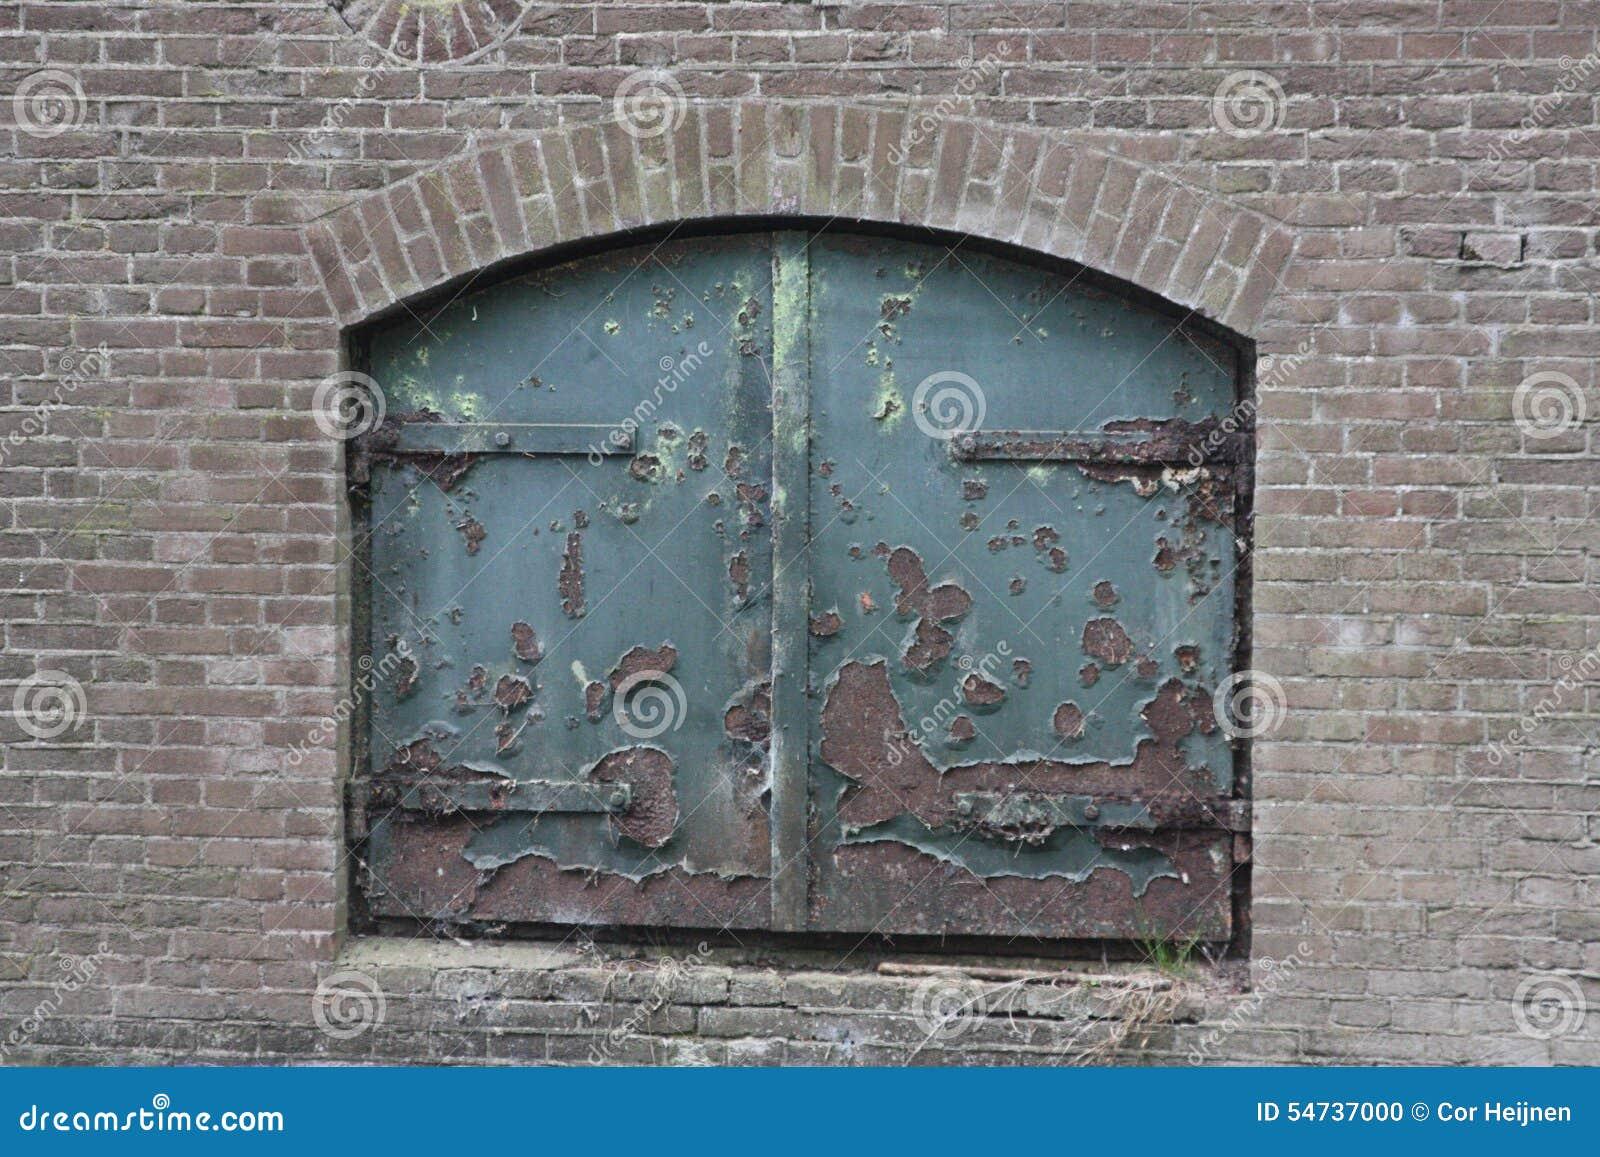 Bunnik Netherlands  city pictures gallery : military fort vechten bunnik netherlands built big bomb proof barracks ...